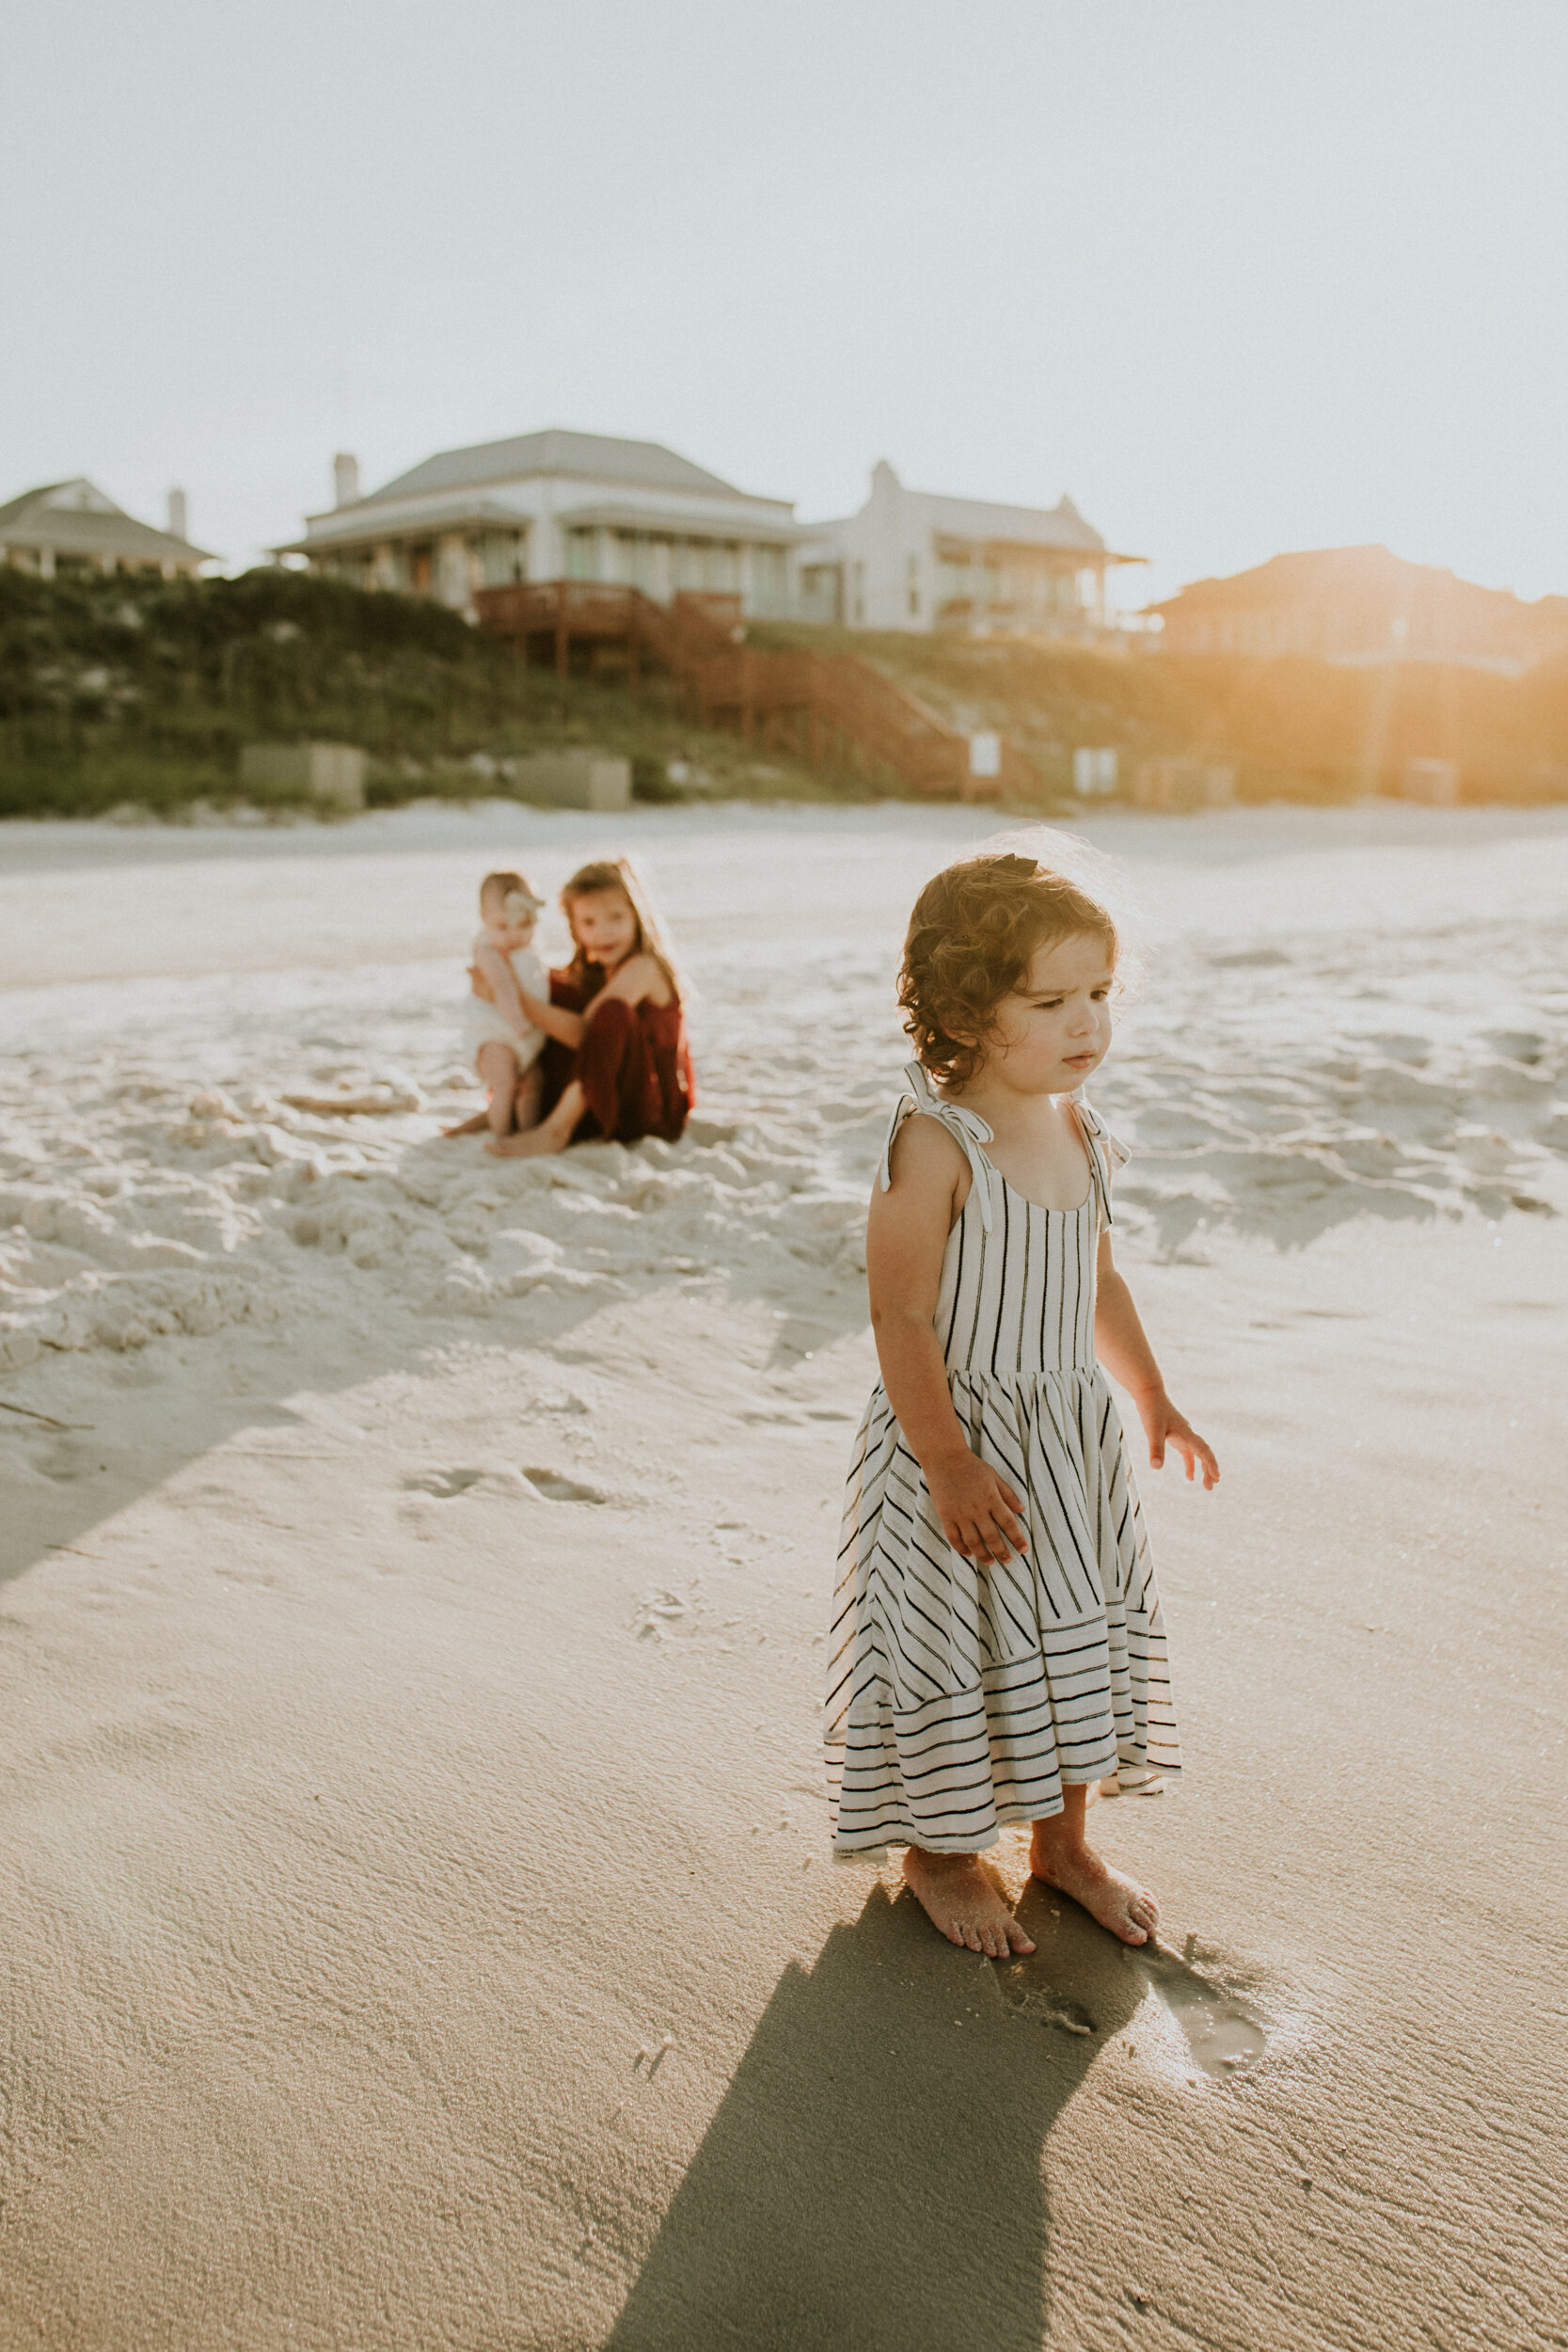 30a_Destin_Rosemary_Beach_Florida_Family_Photographer_Beach_Session-49.jpg